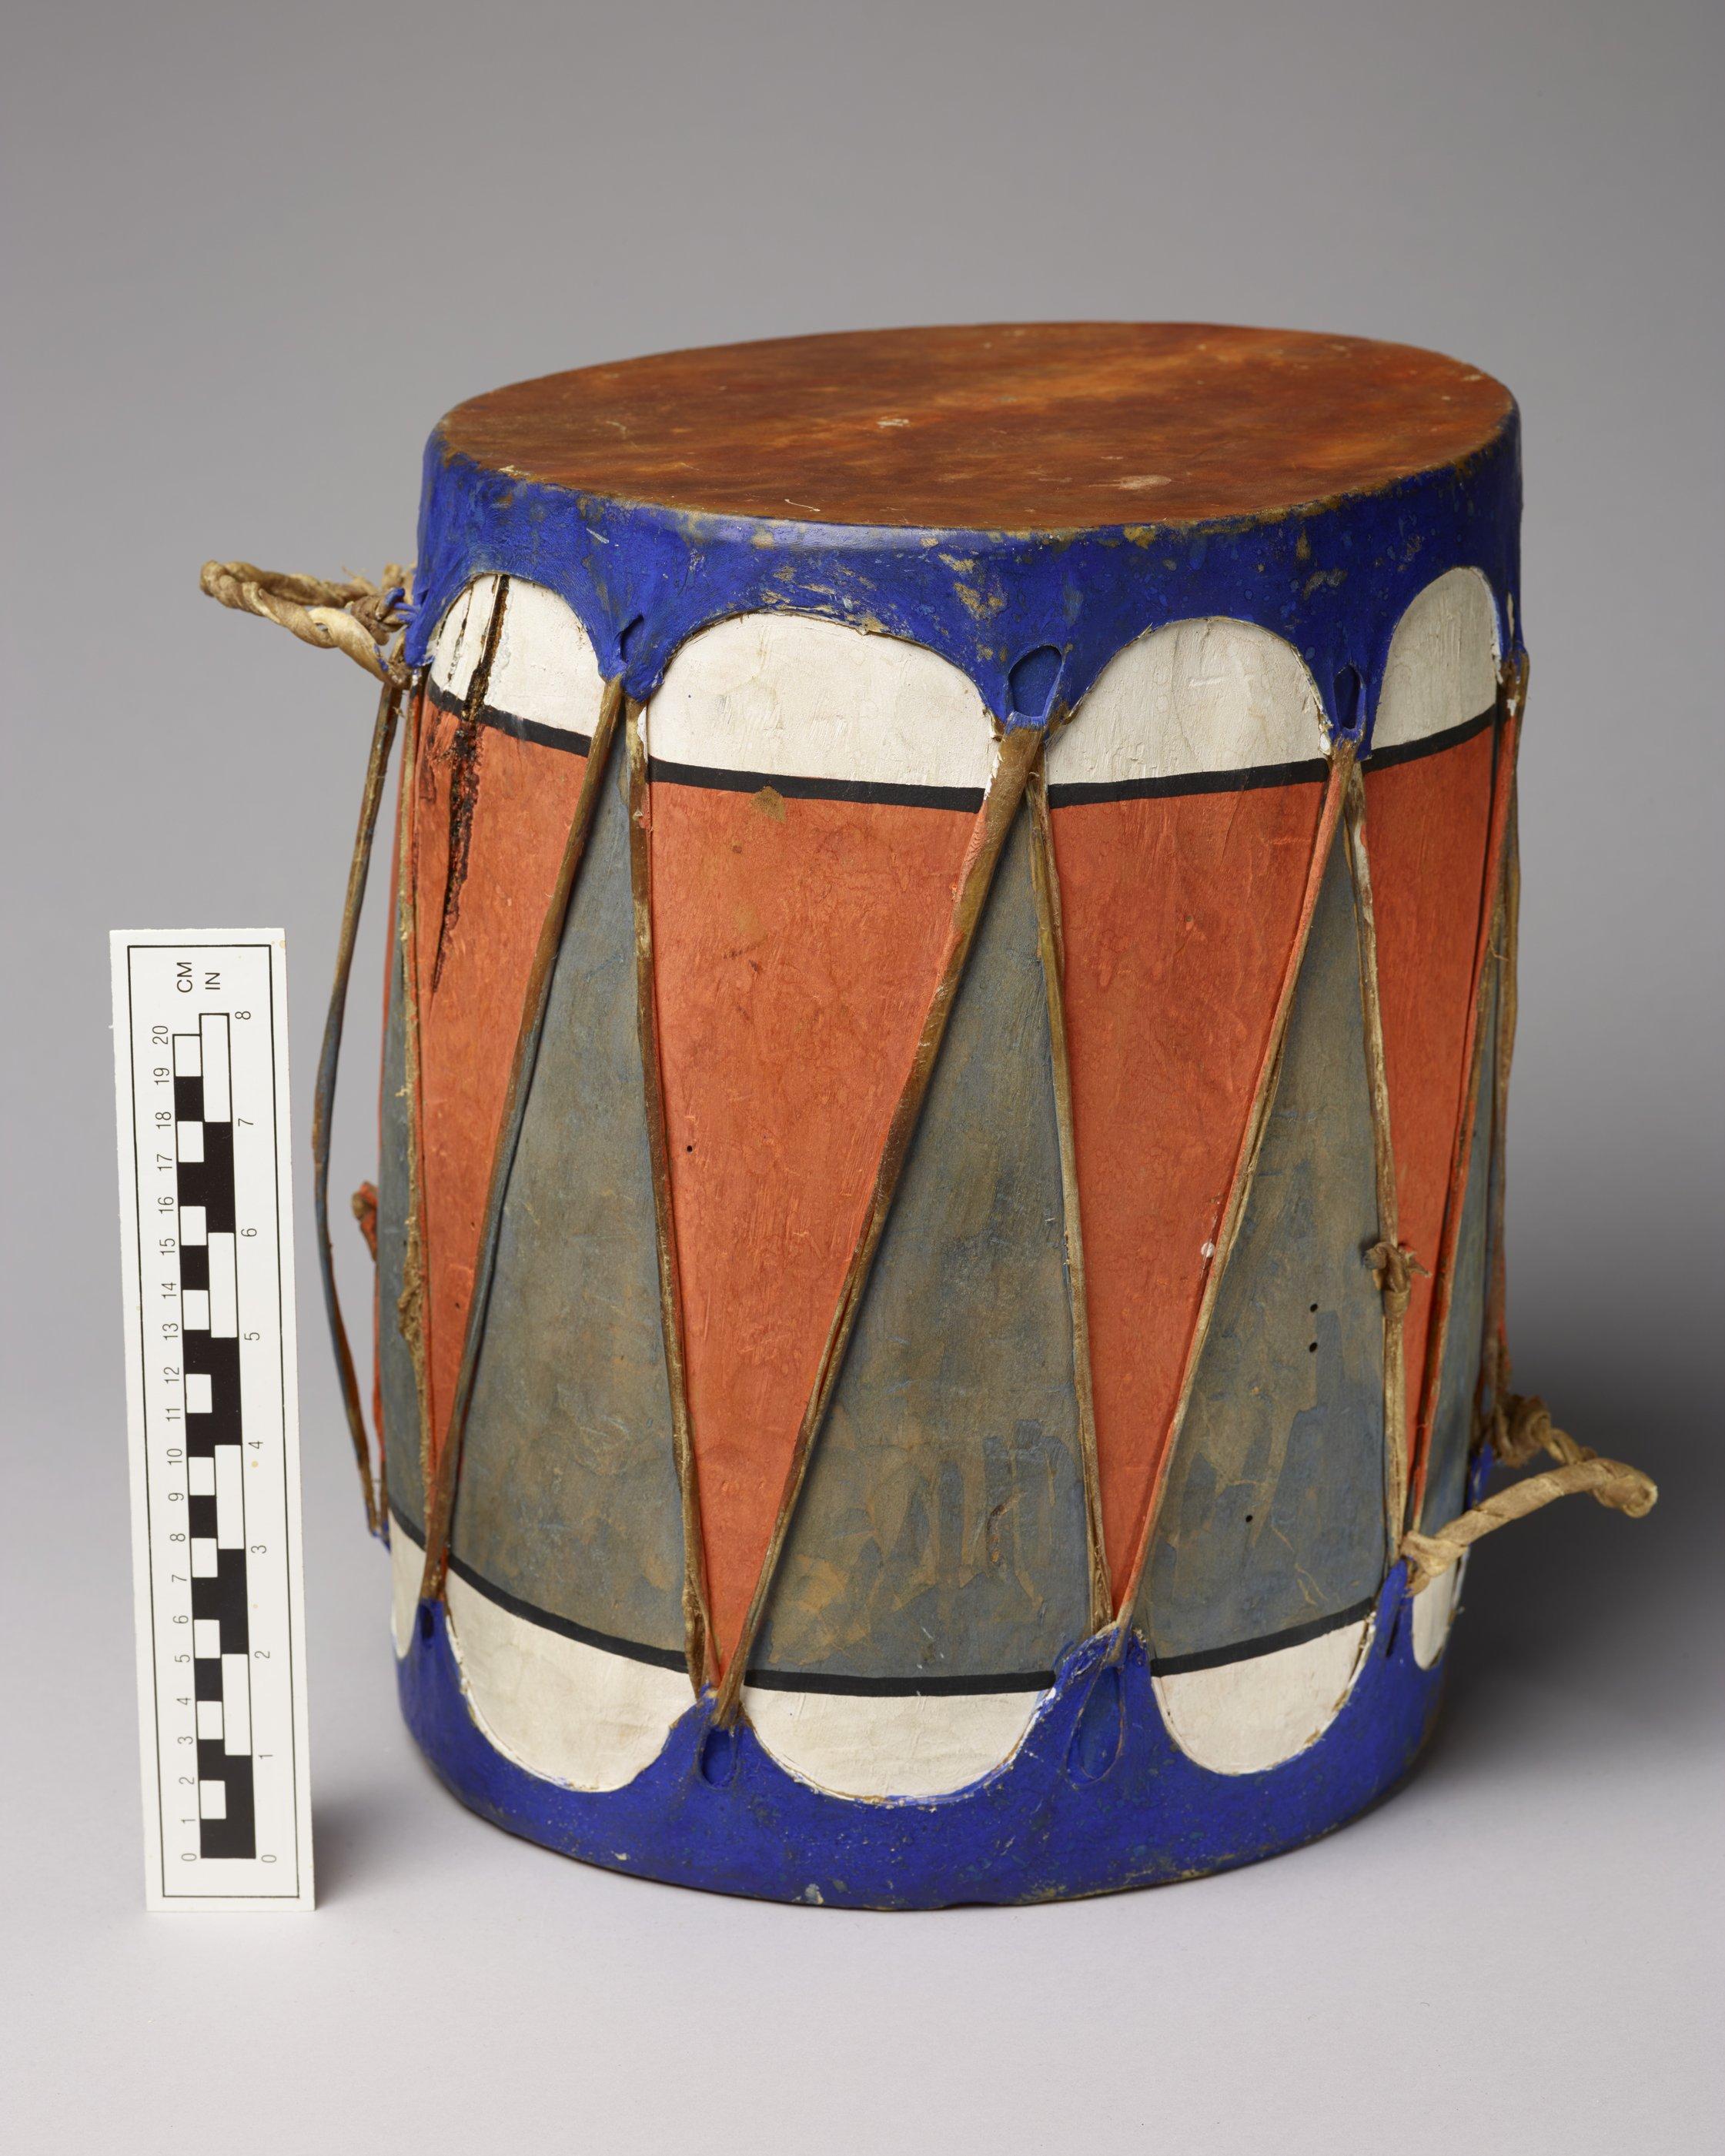 Kaw Drum - 7